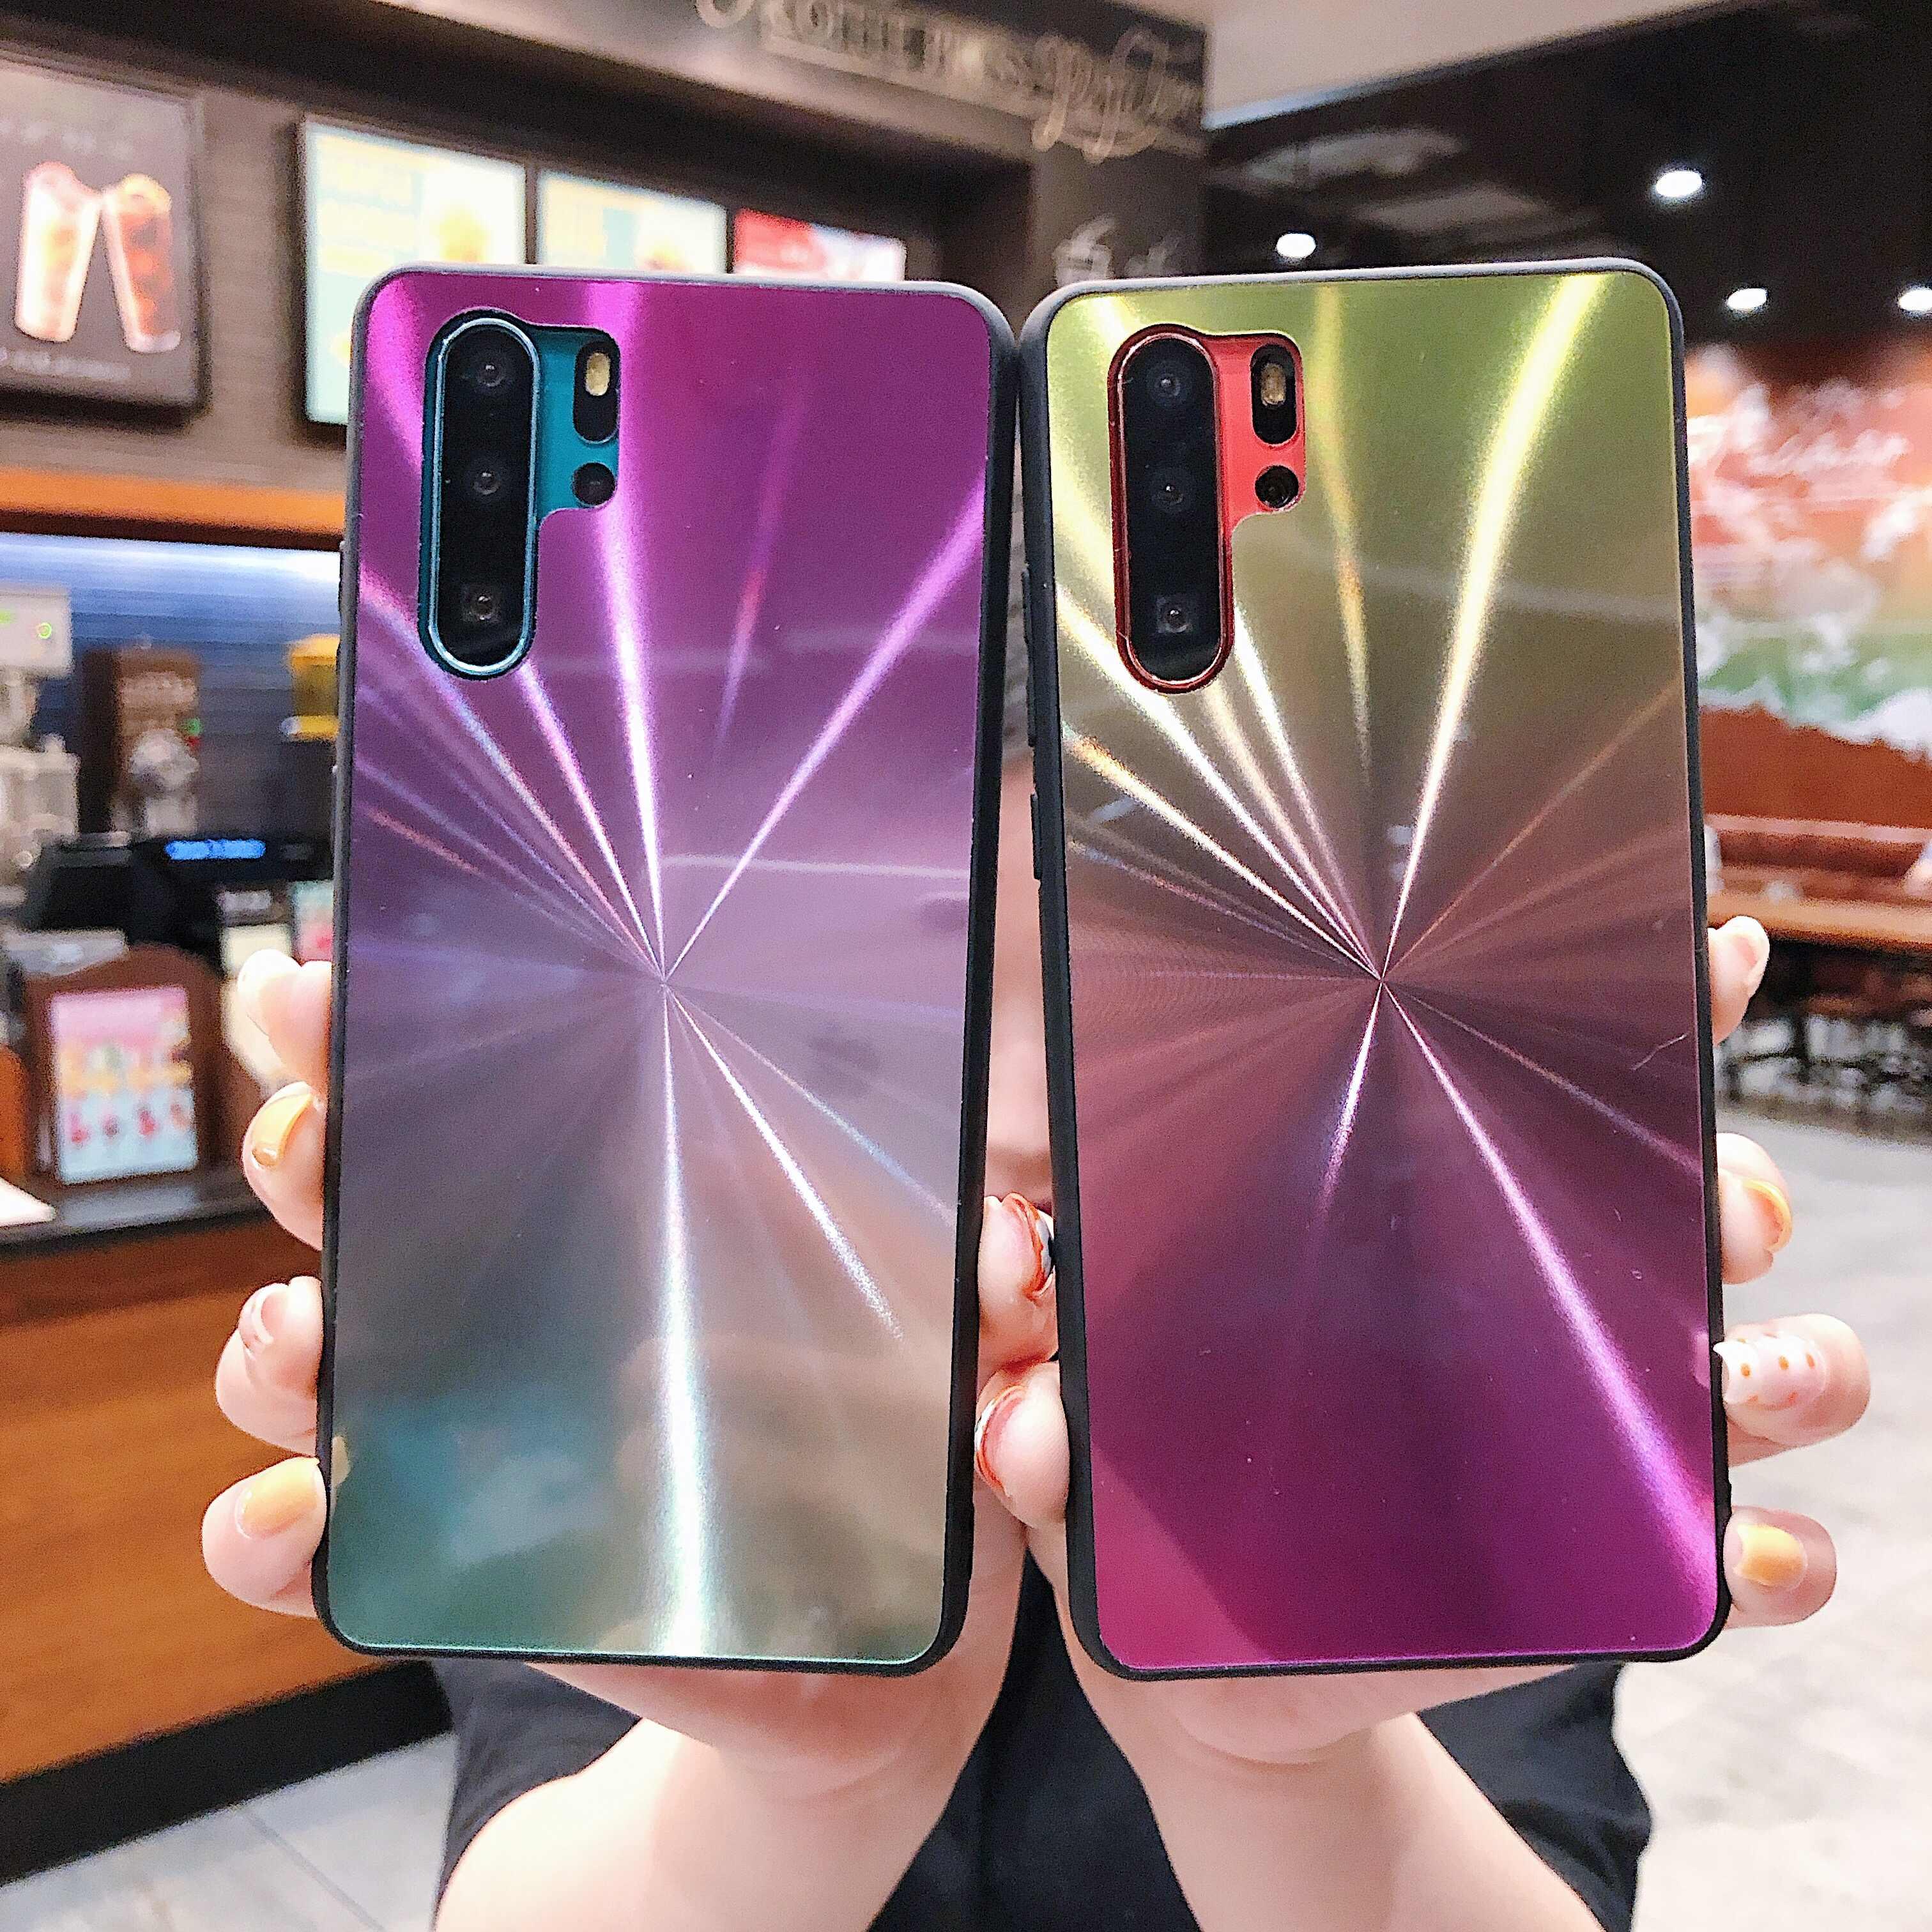 Dégradé brillance Laser CD étui de téléphone hybride pour Samsung Galaxy S8 S9 S10 Note 8 9 M10 A10 A20 A30 A40 A50 A60 A70 Plus Lite Cover